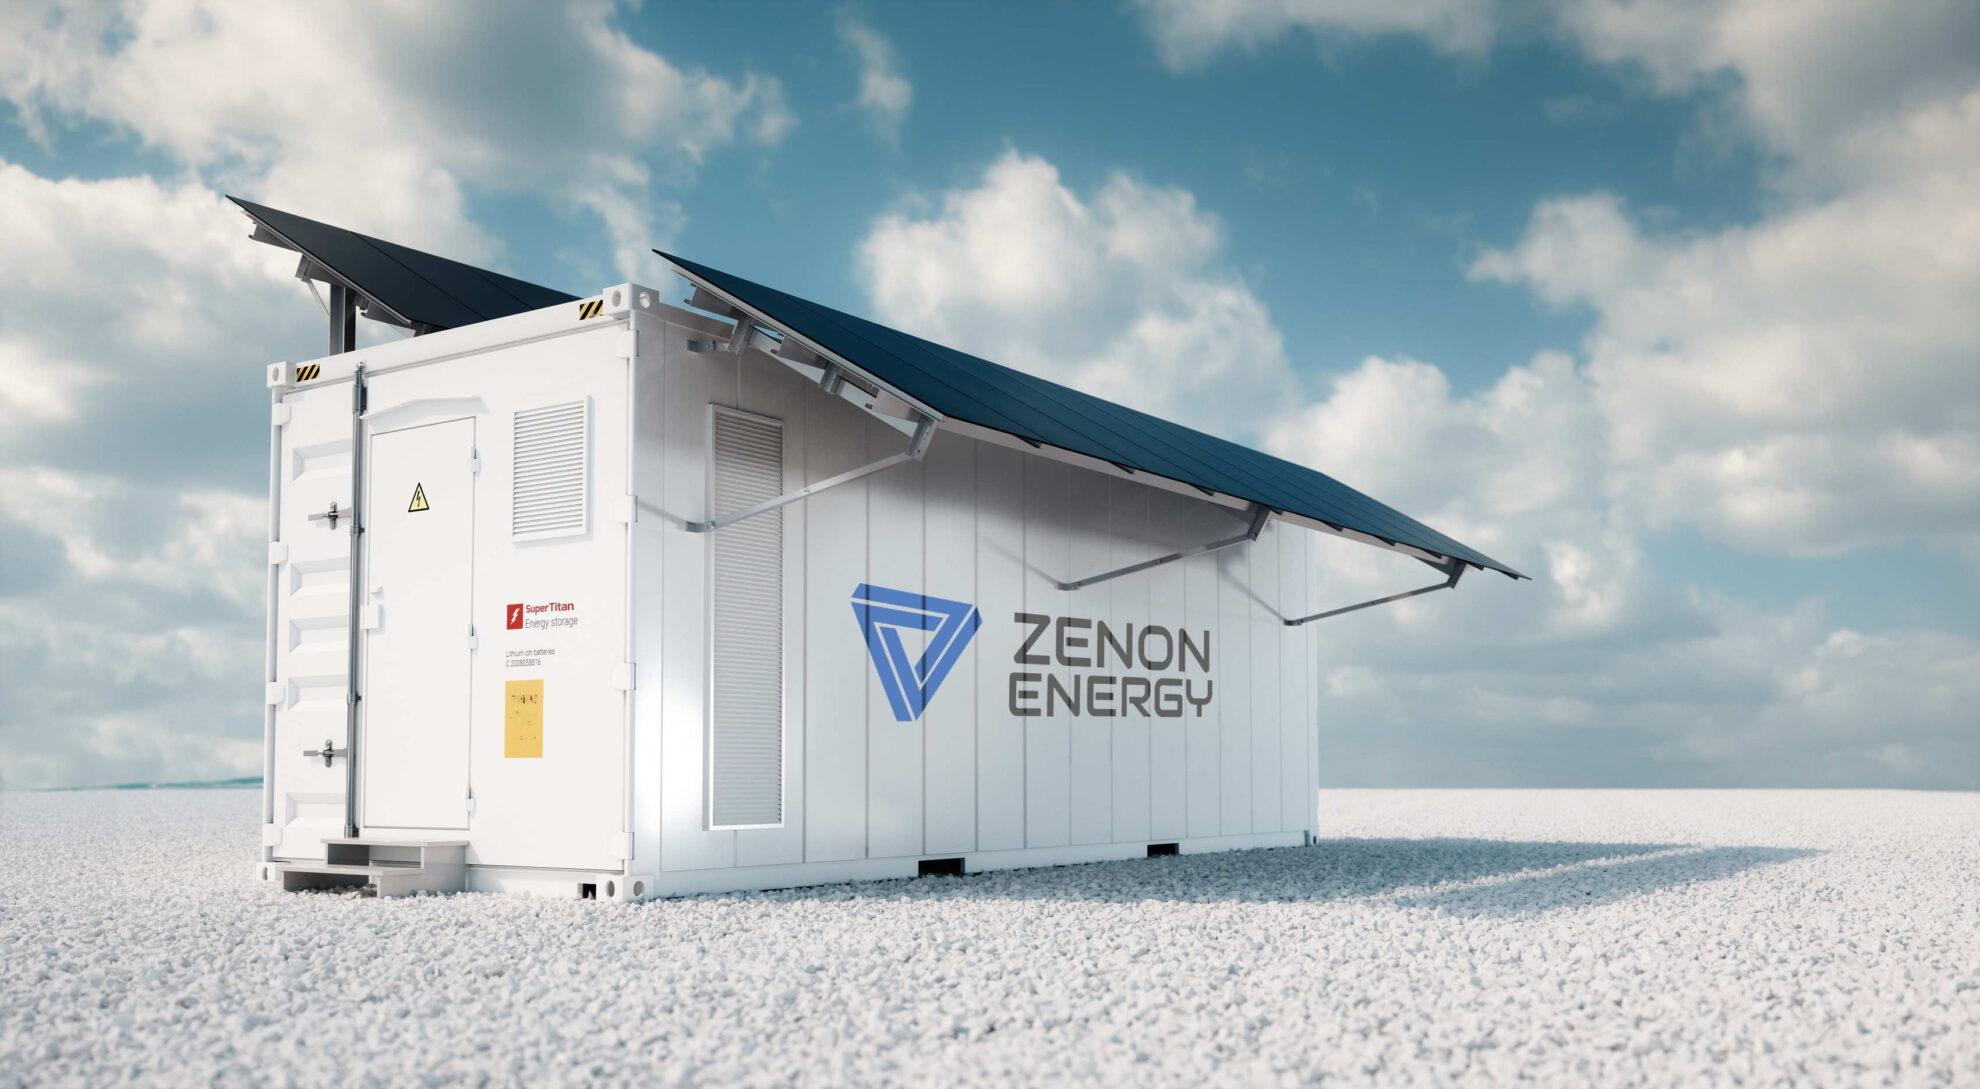 Meet Zenon Energy!